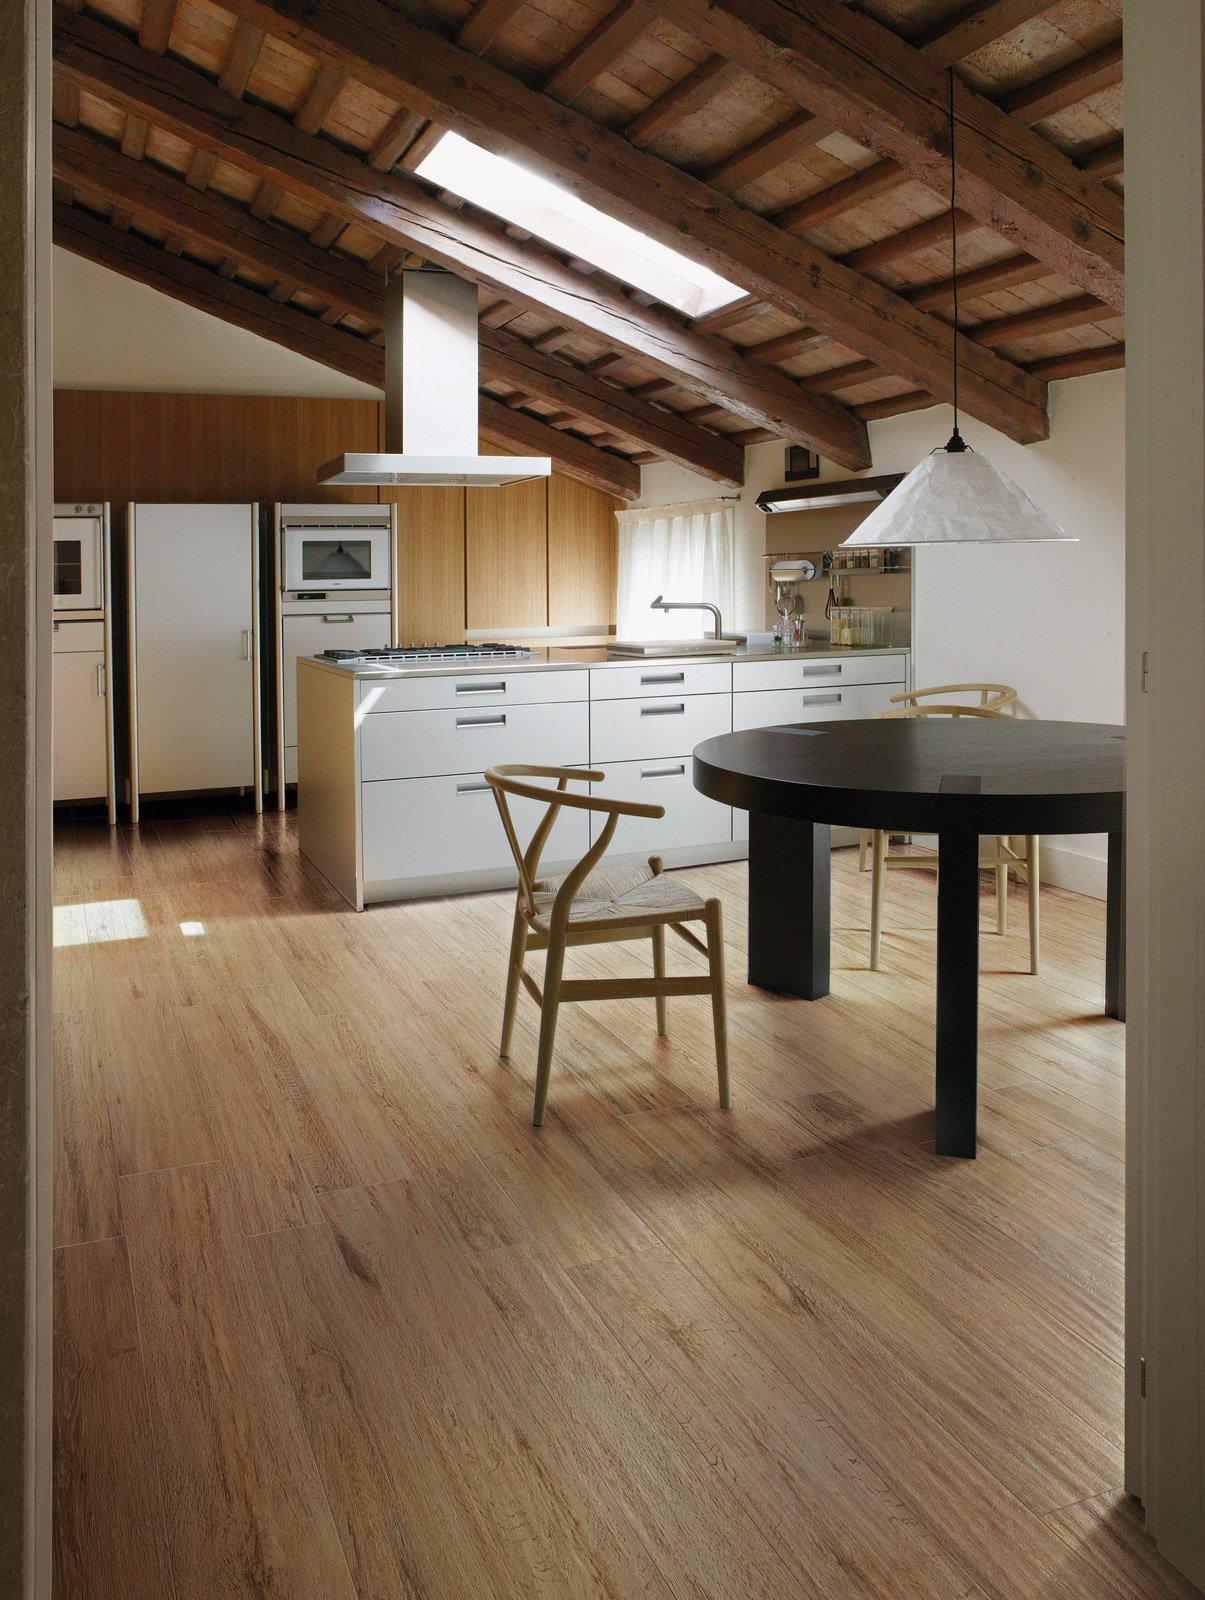 Scegliere il pavimento della cucina effetto legno - Gres porcellanato effetto legno da esterno ...